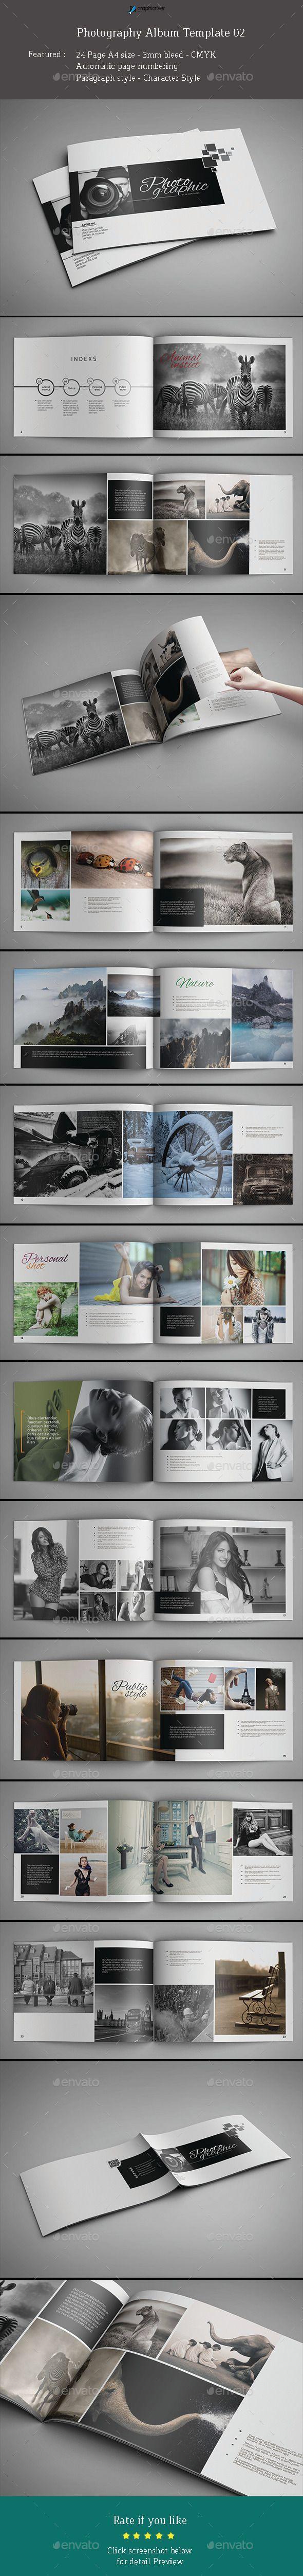 Ausgezeichnet 6x9 Buch Vorlage Bilder - Beispielzusammenfassung ...